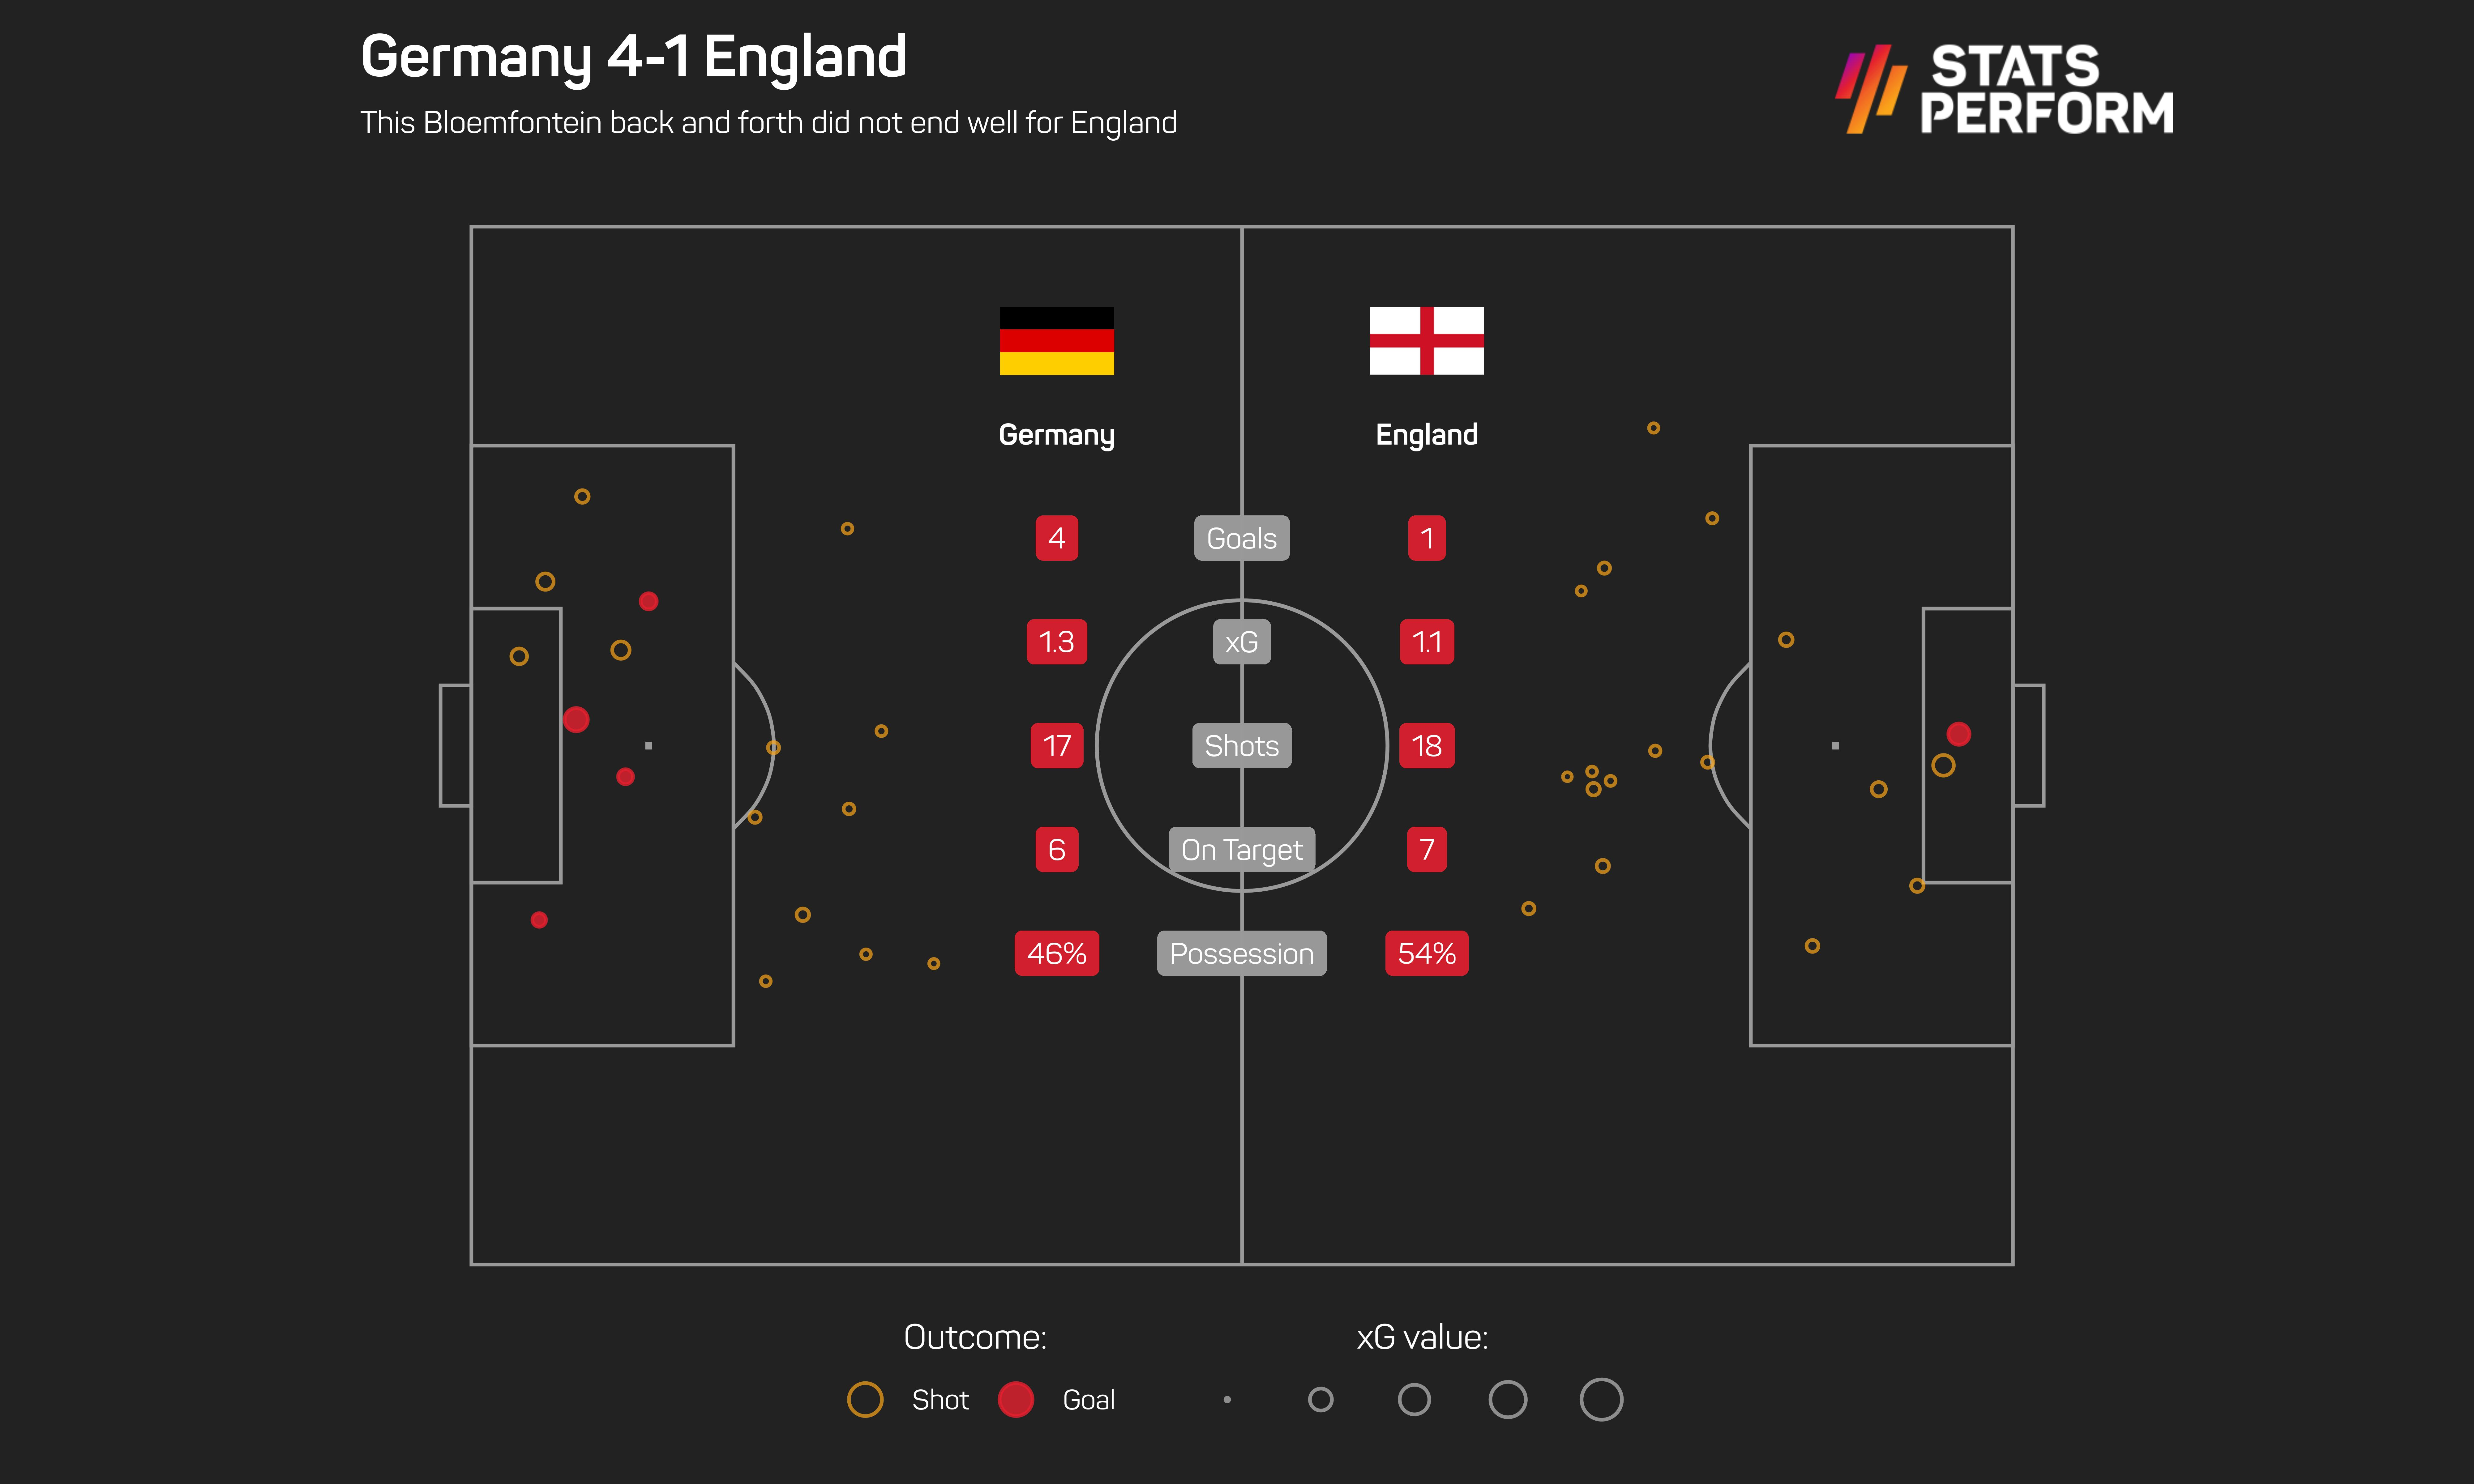 England were beaten by Germany in 2010